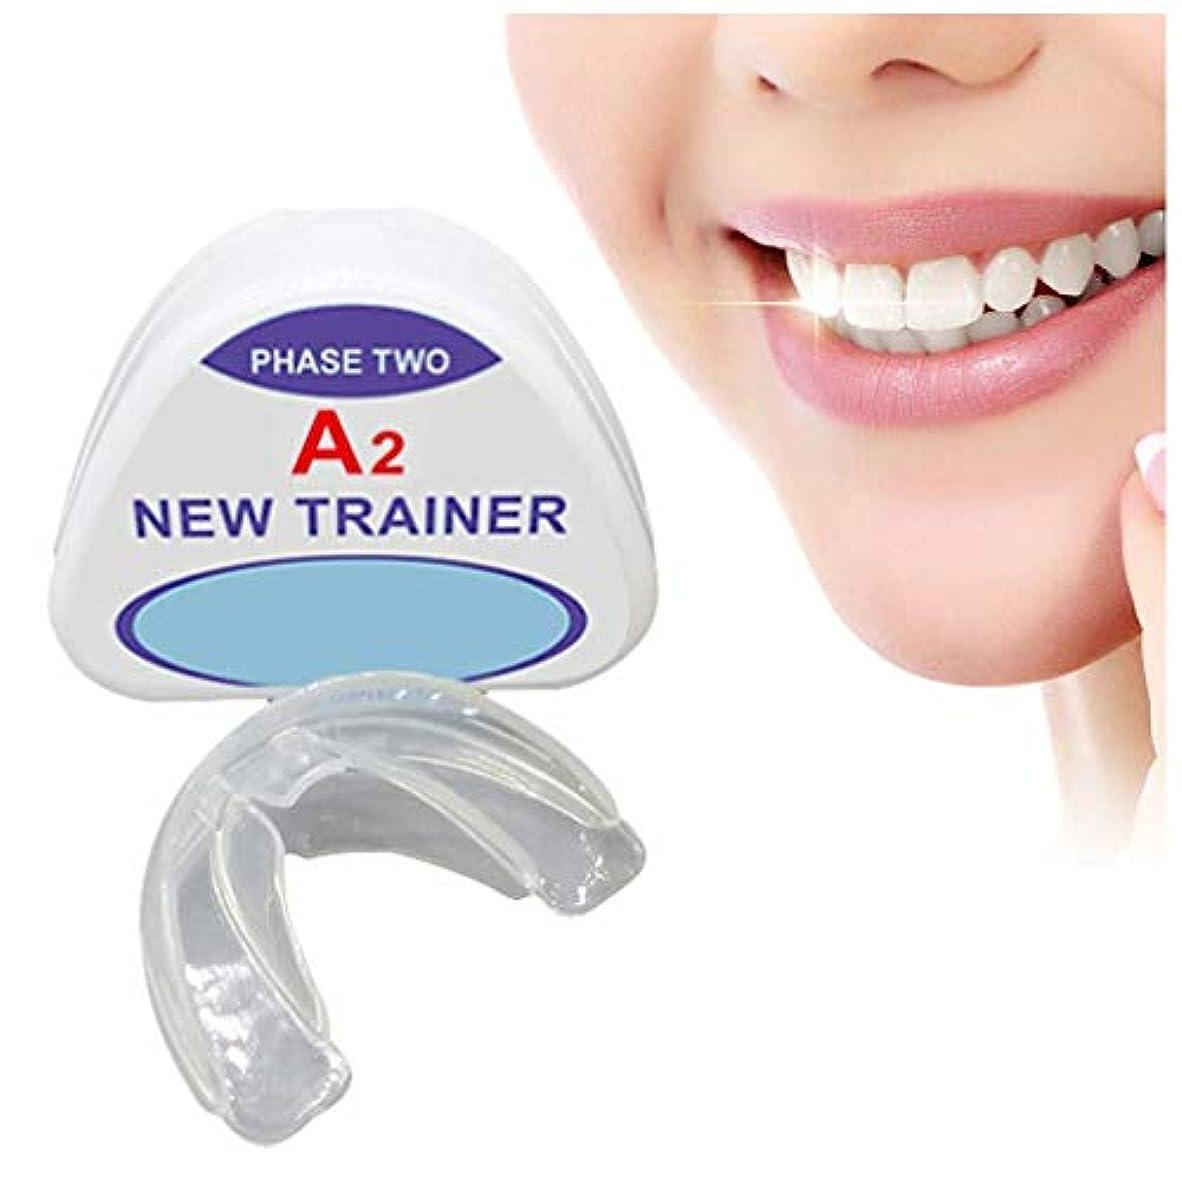 気候居心地の良い偽善歯列矯正トレーナーリテーナー、歯科矯正ブレース、歯科マウスガード矯正器具、夜間予防臼歯ブレース、(2ステージ)、A1 + A2,A2